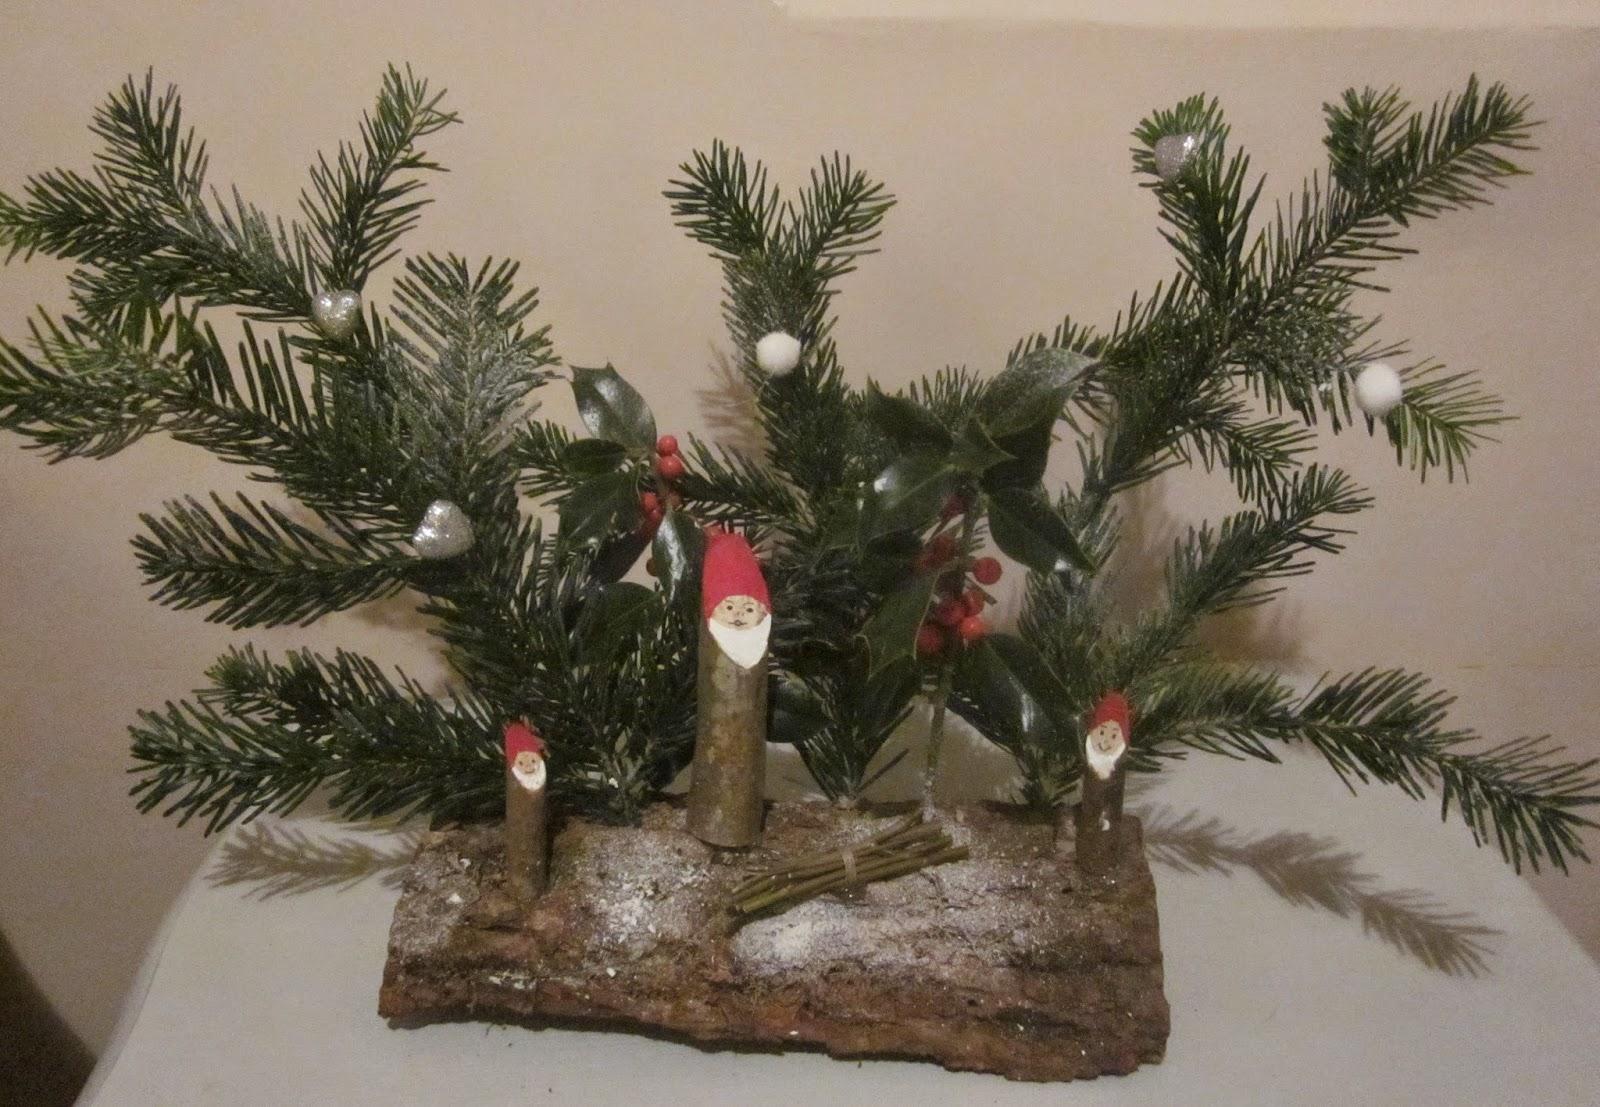 Avec une perceuse, faire des trous dans la buche pour planter les branches  de sapin et de houx. Avec un pistolet à colle coller les lutins ou Père Noël